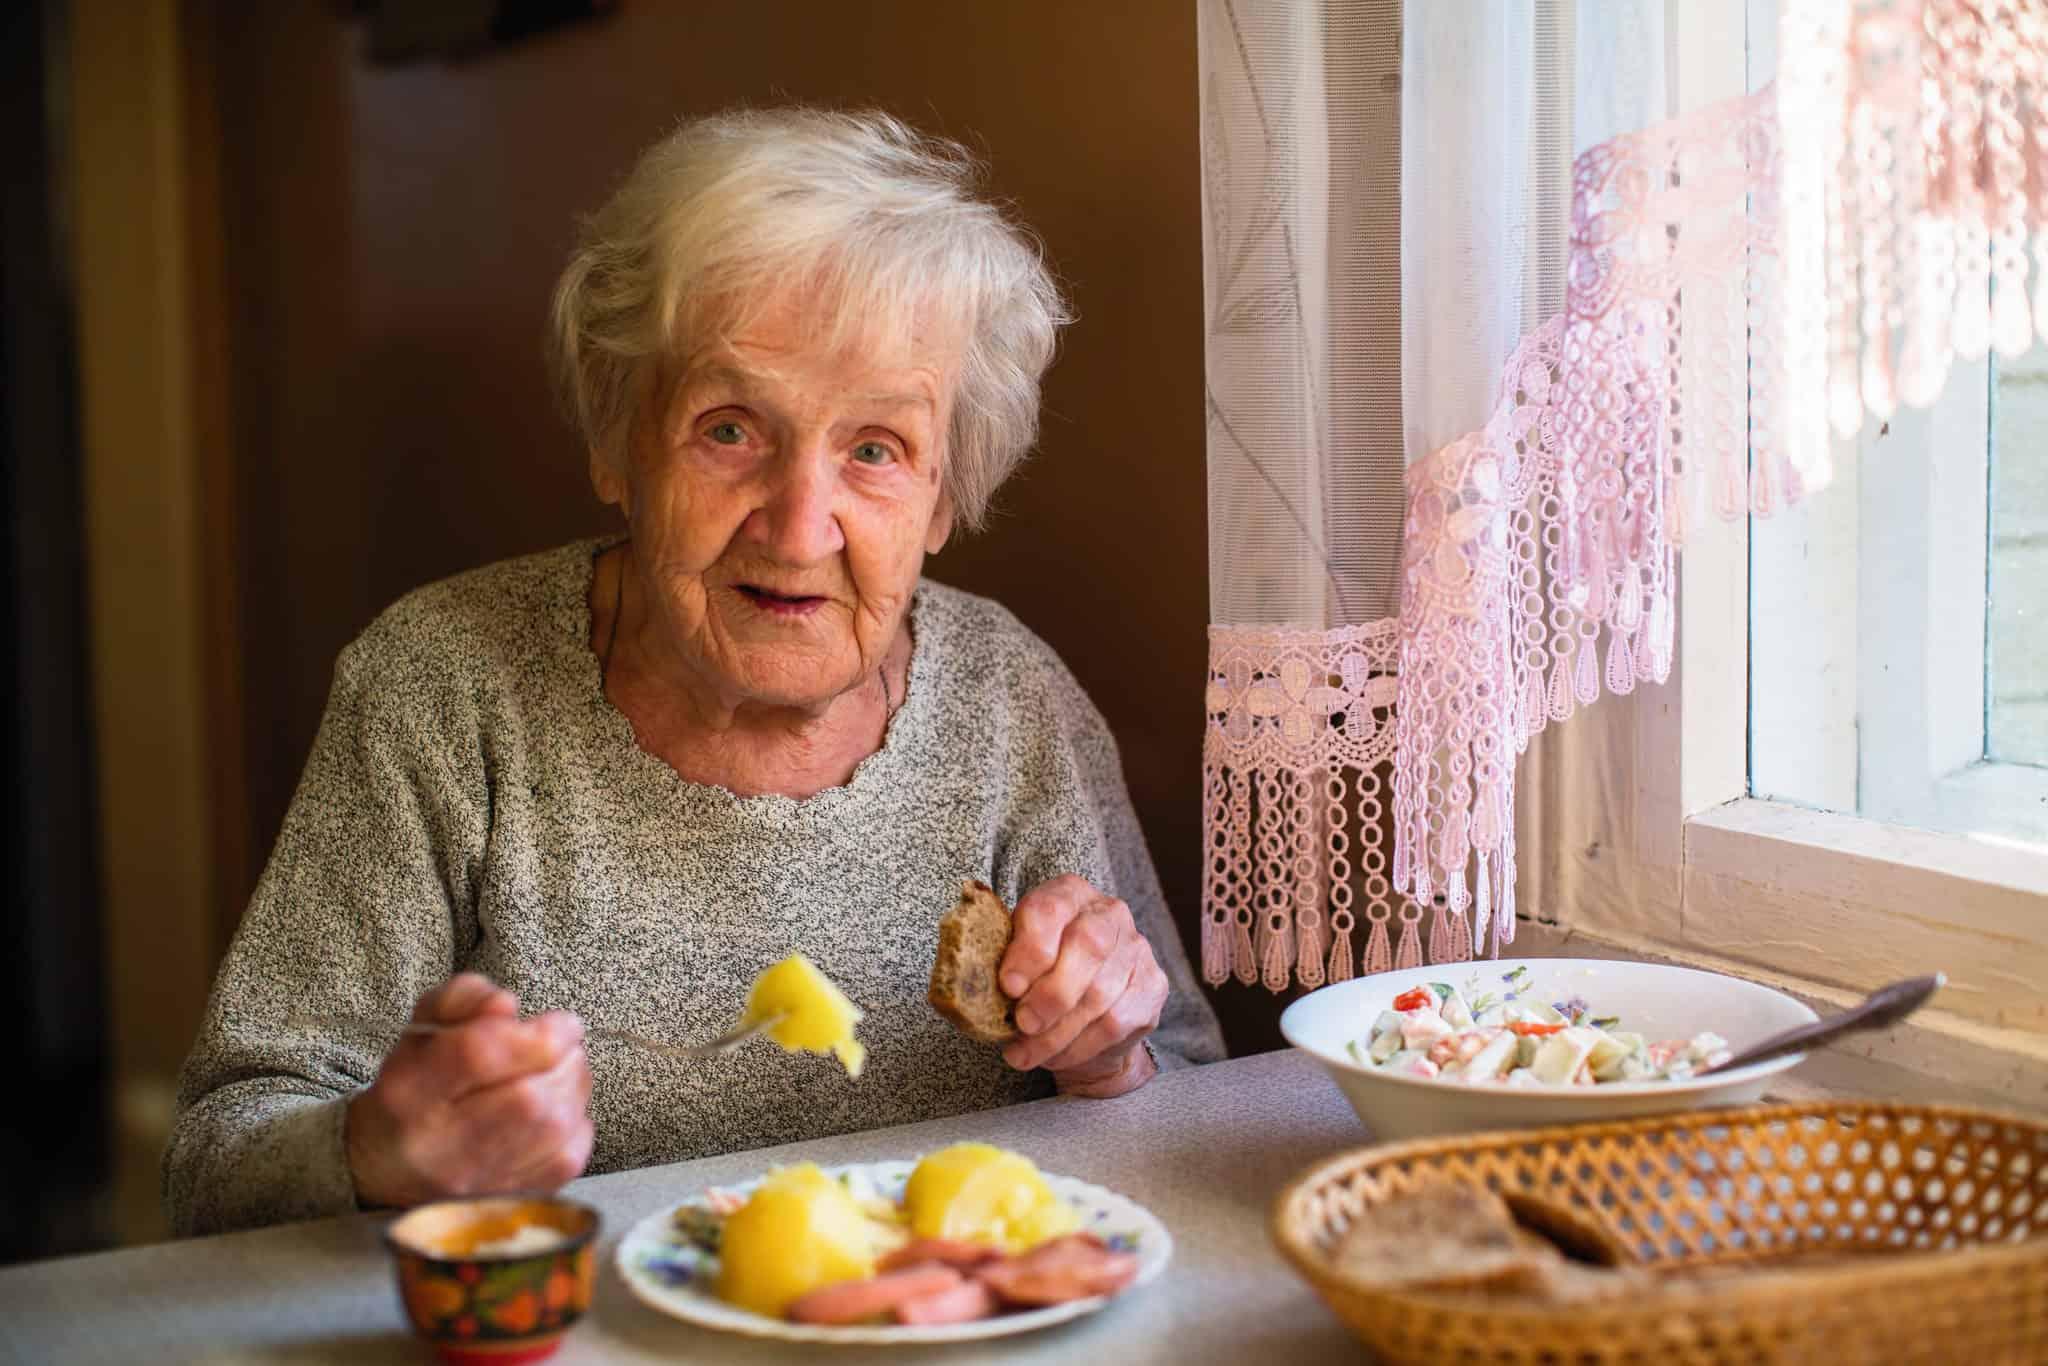 Morrisons – doorstep deliveries for elderly and vulnerable